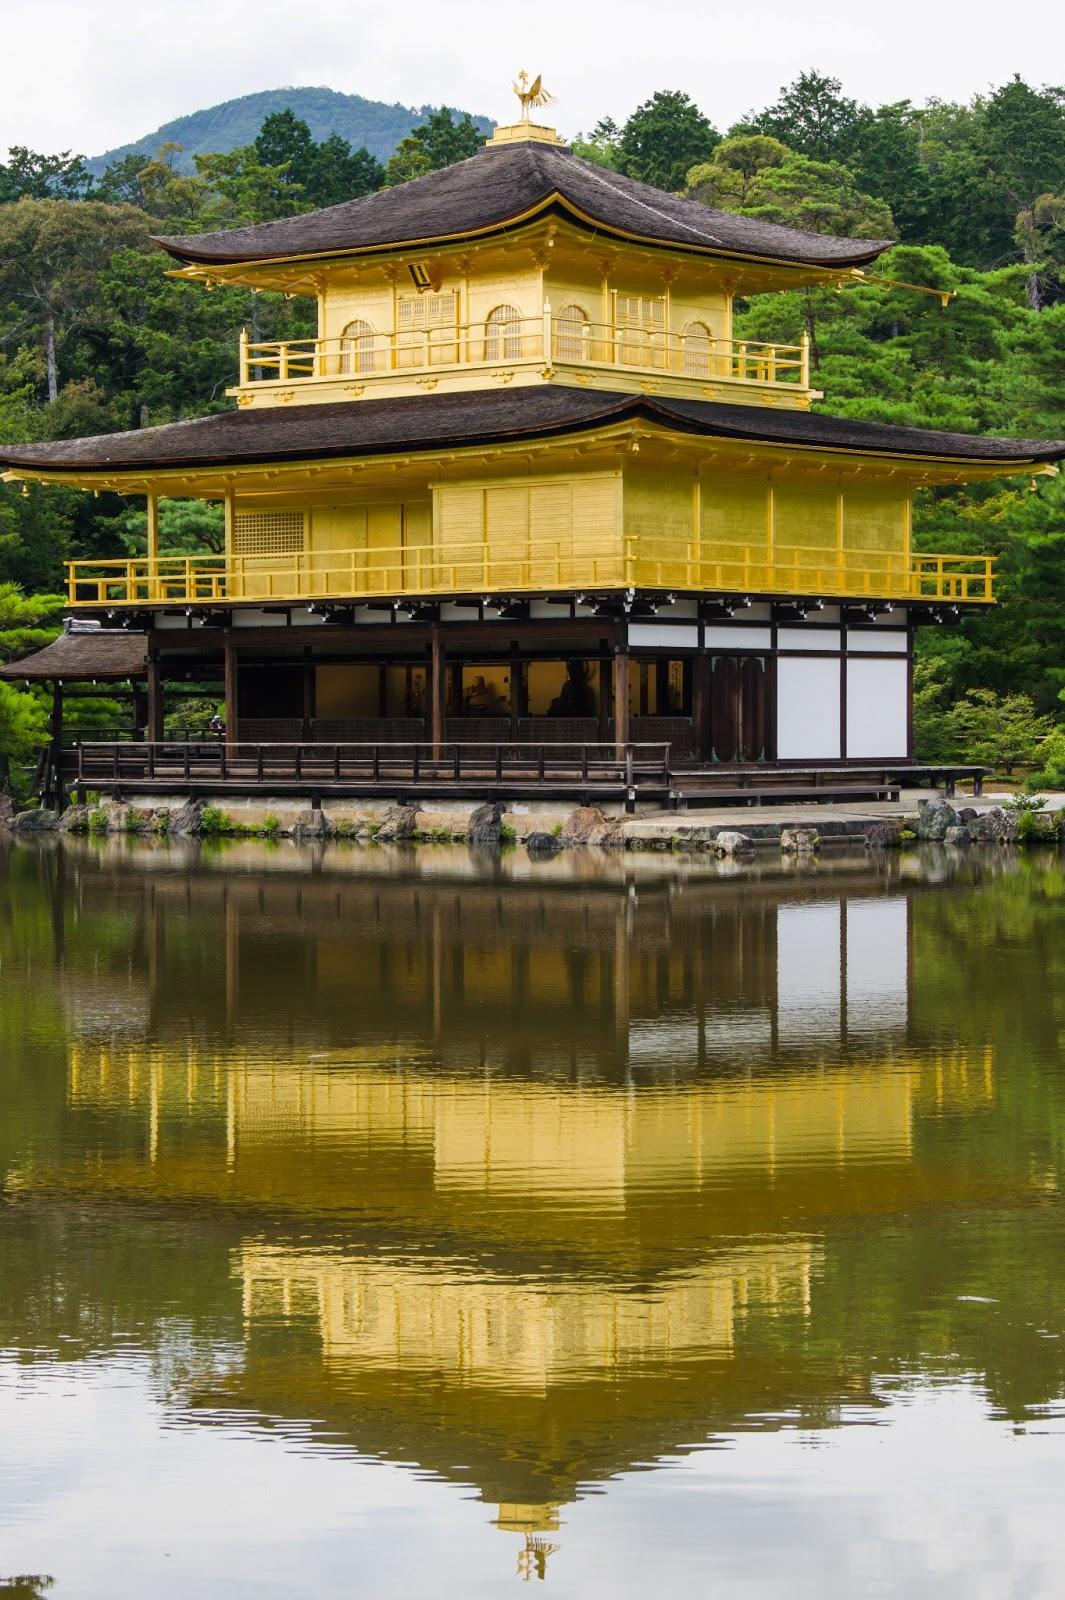 シンメトリー構図で撮影した金閣寺の写真